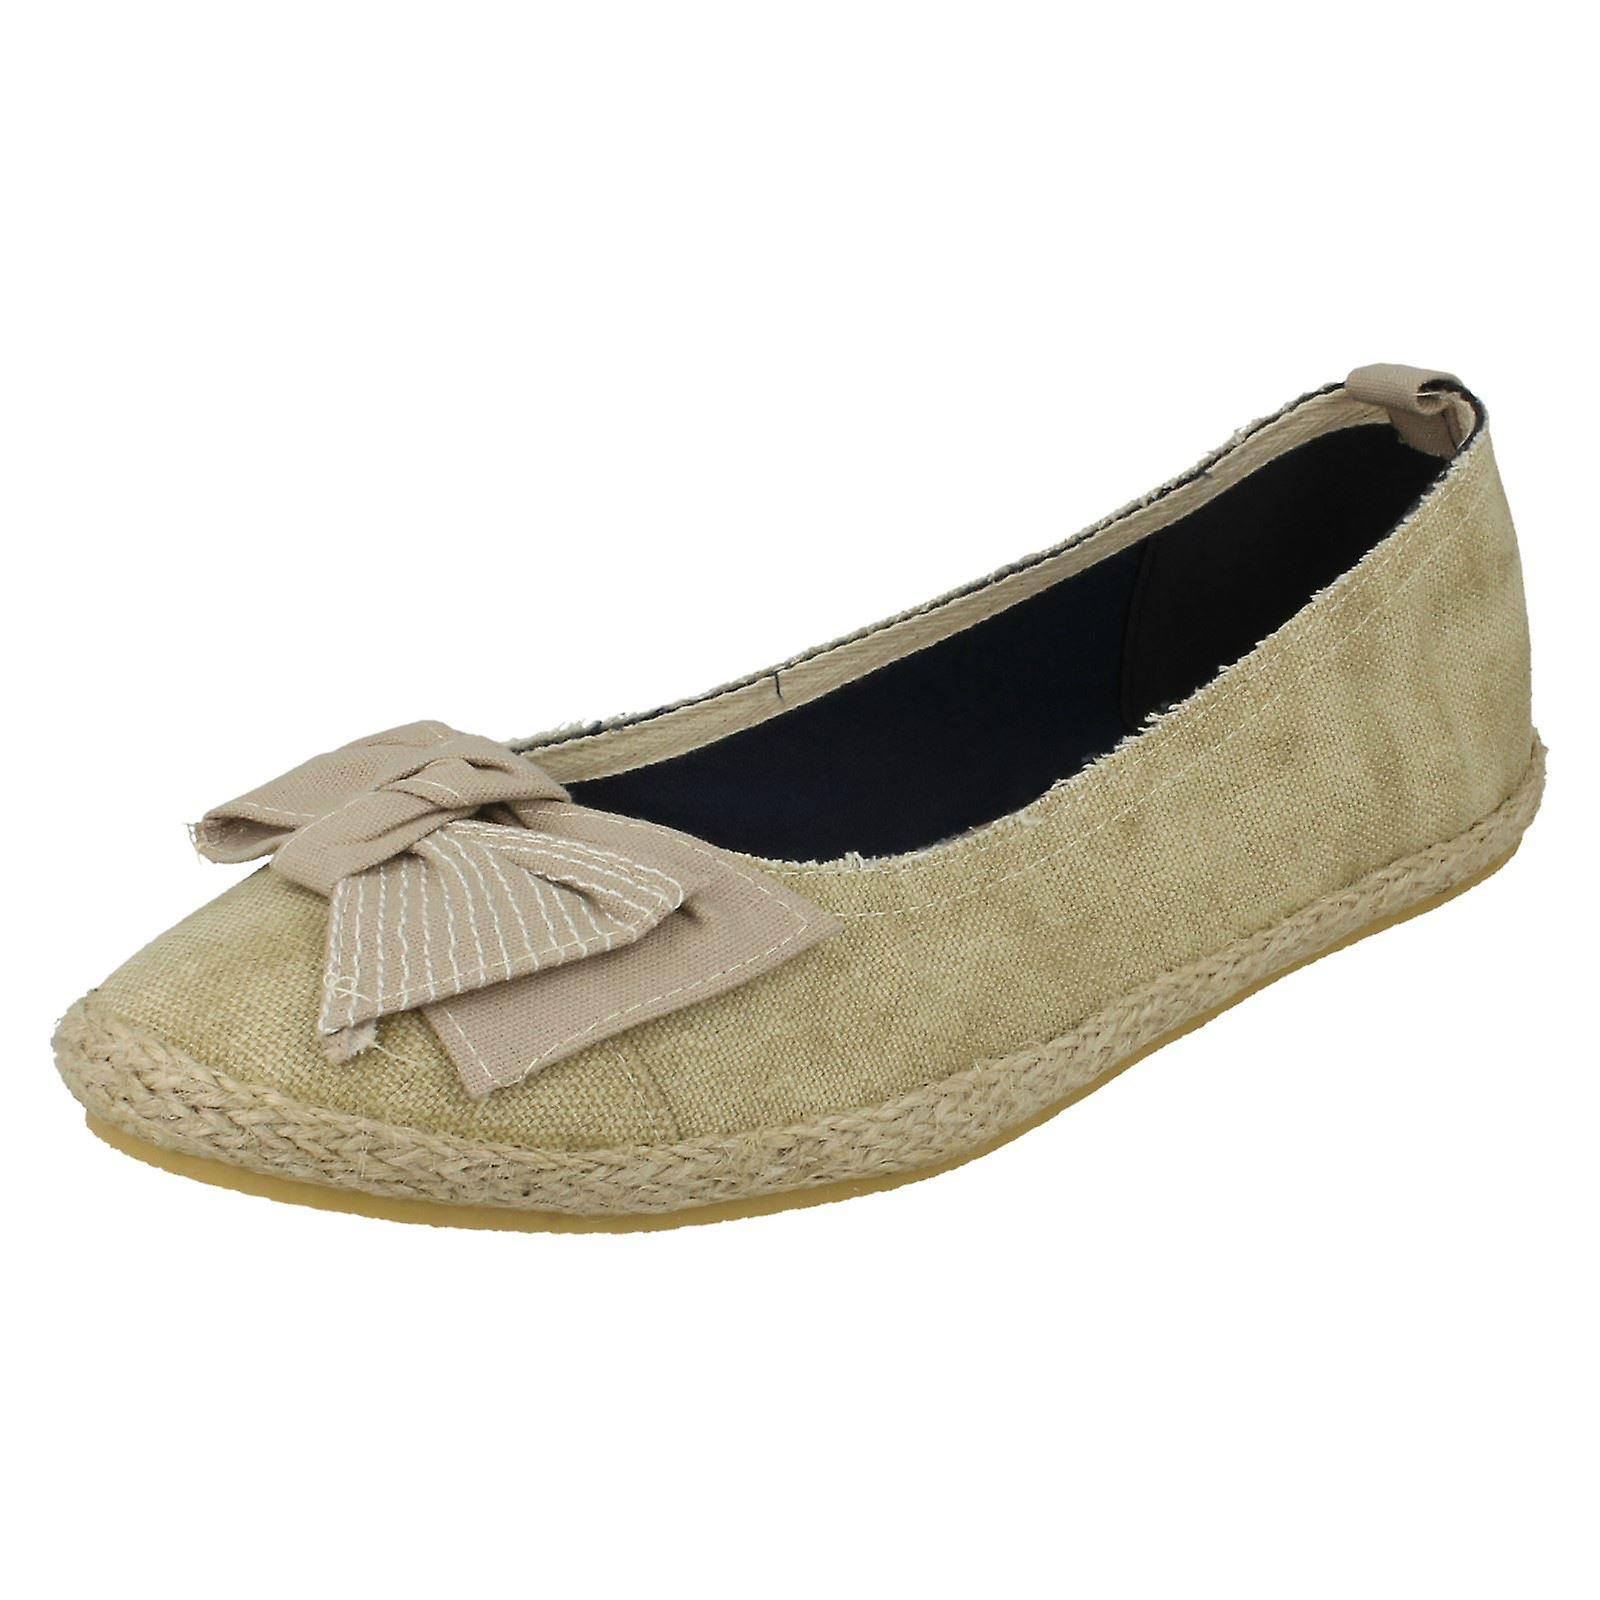 Damen-Spot auf flache Schuhe F2096